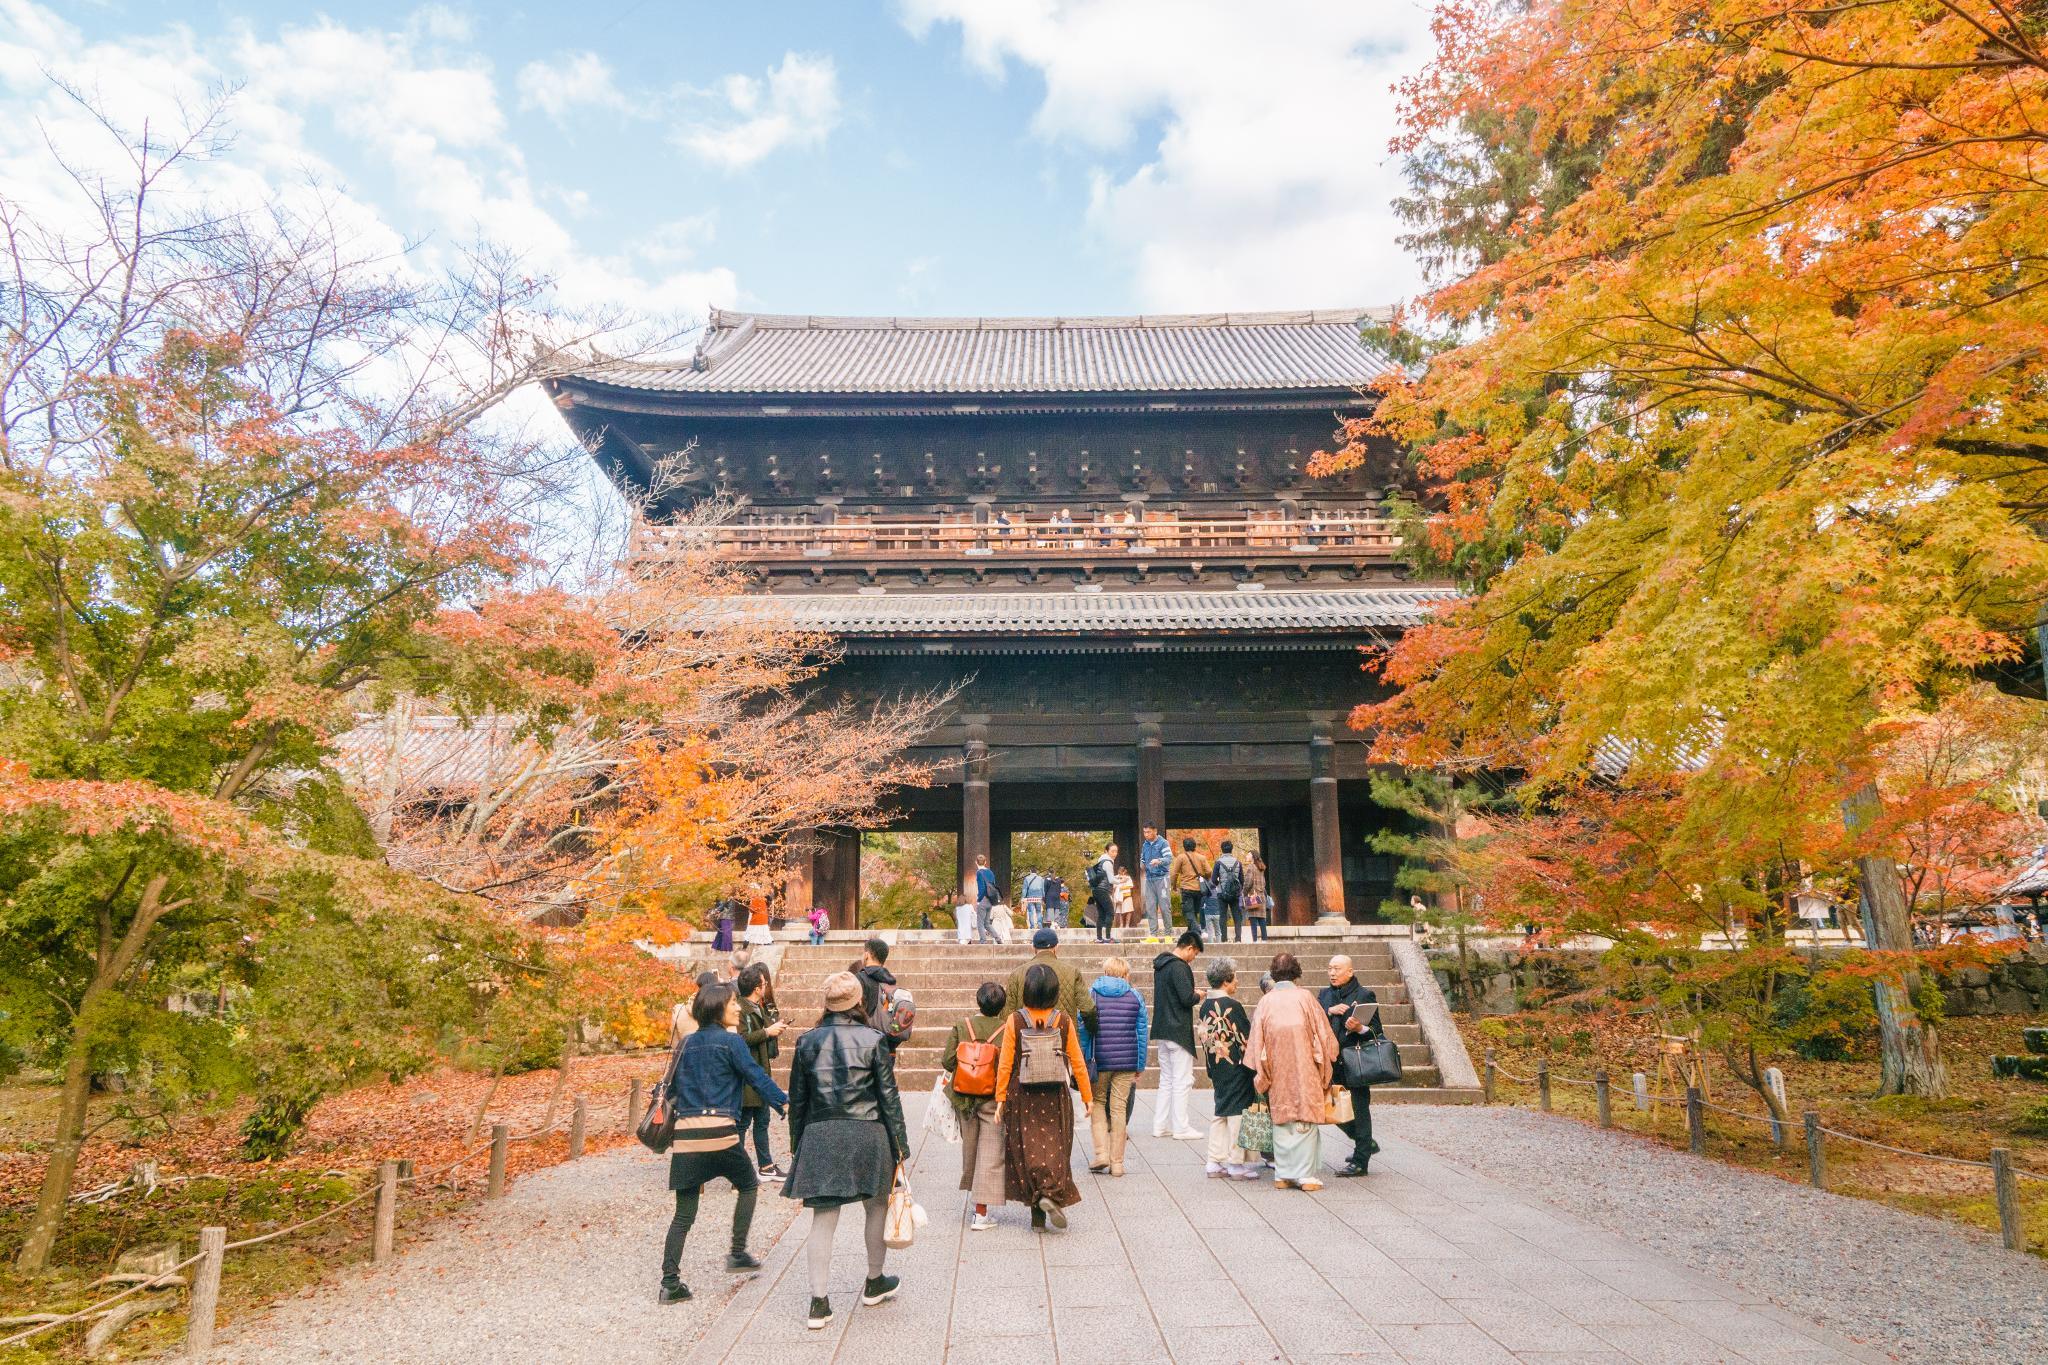 【京都】秋光葉影的古寺散策 - 南禪寺 79